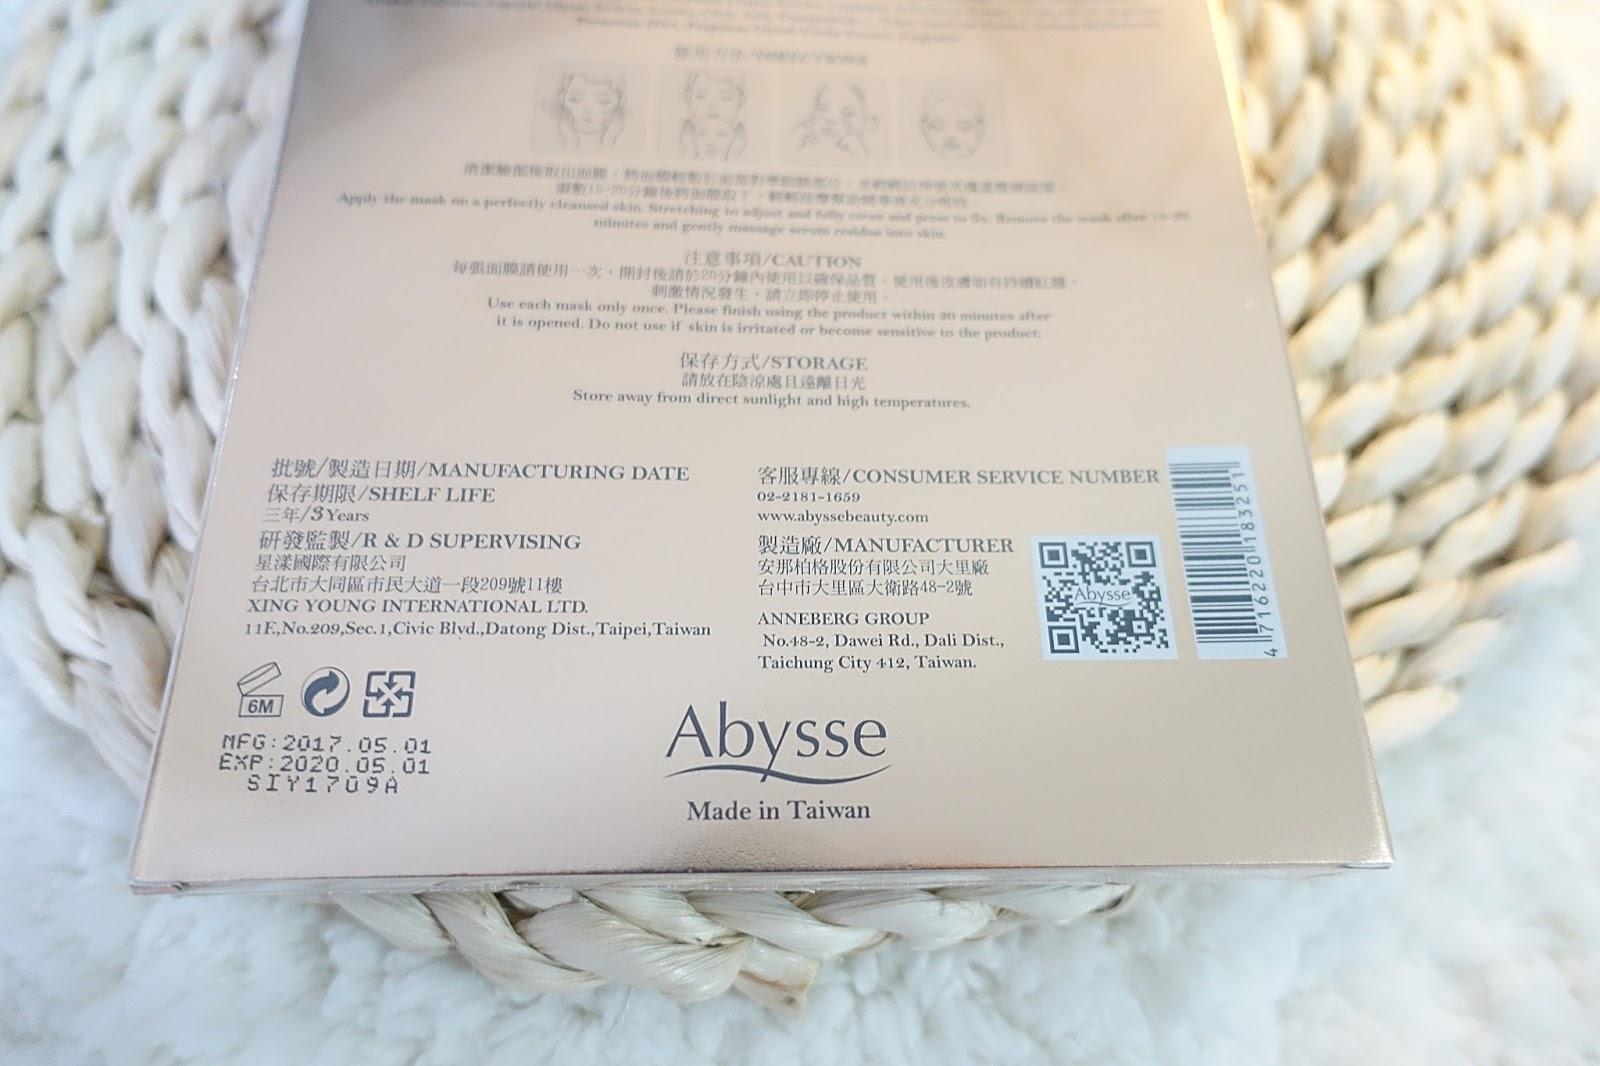 體驗天然護膚品牌 Abysse 黃金藻保濕逆齡多效面膜 帶來的功效 – Car文愛美麗